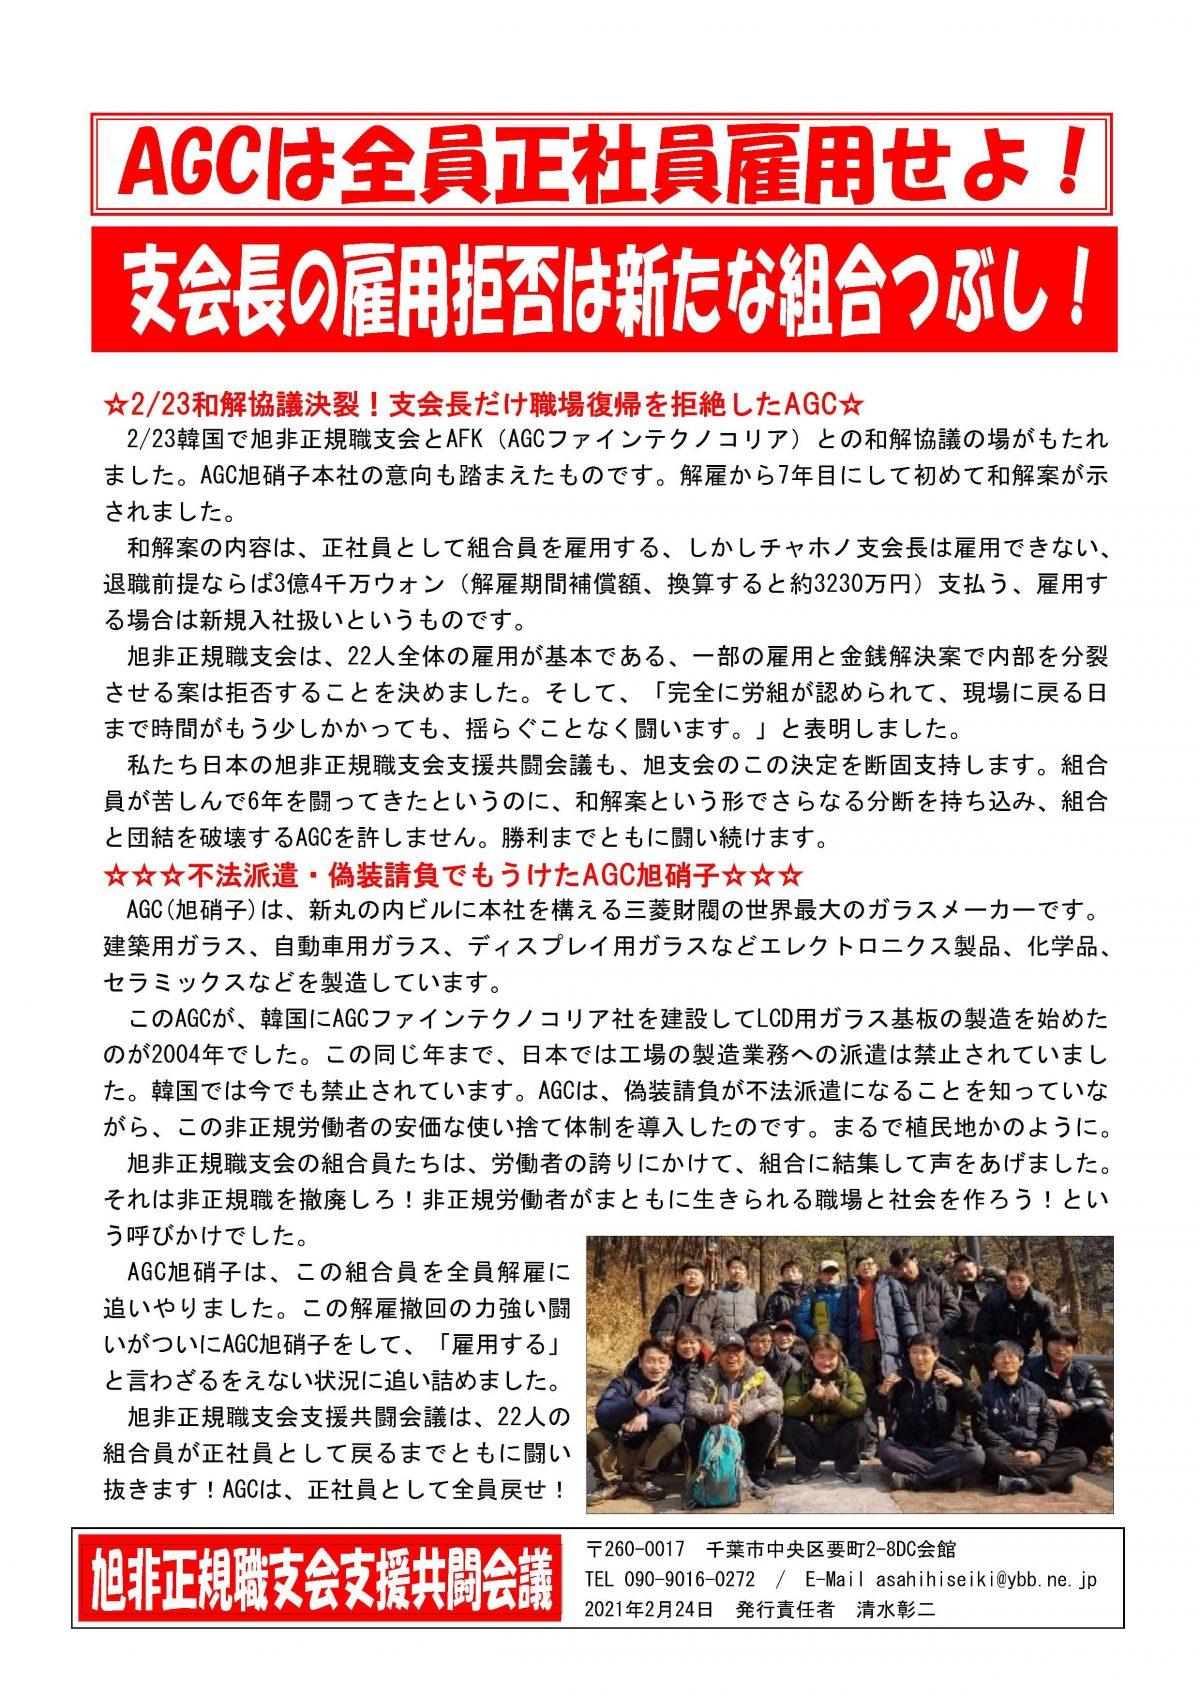 2月25日AGC本社行動に結集を!